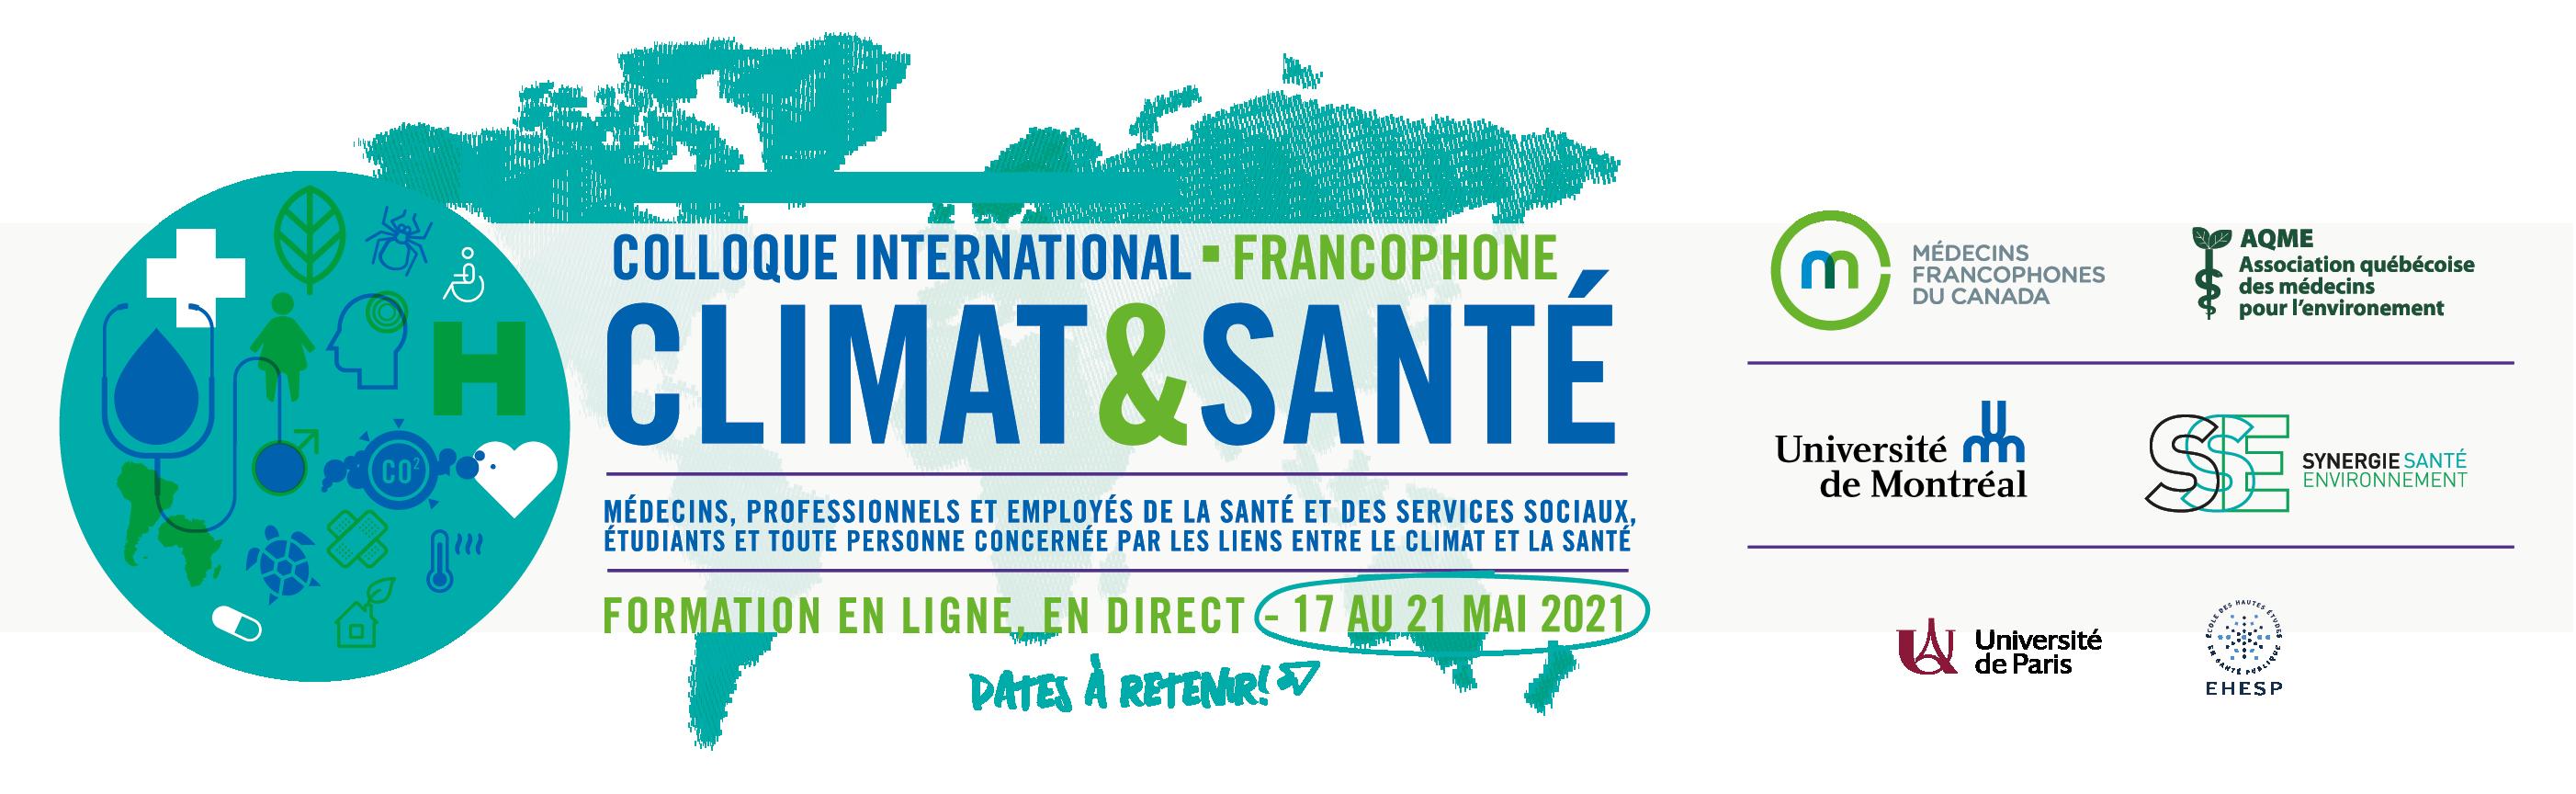 Bandeau _Colloque francophone international Climat et Santé 2021 _V2